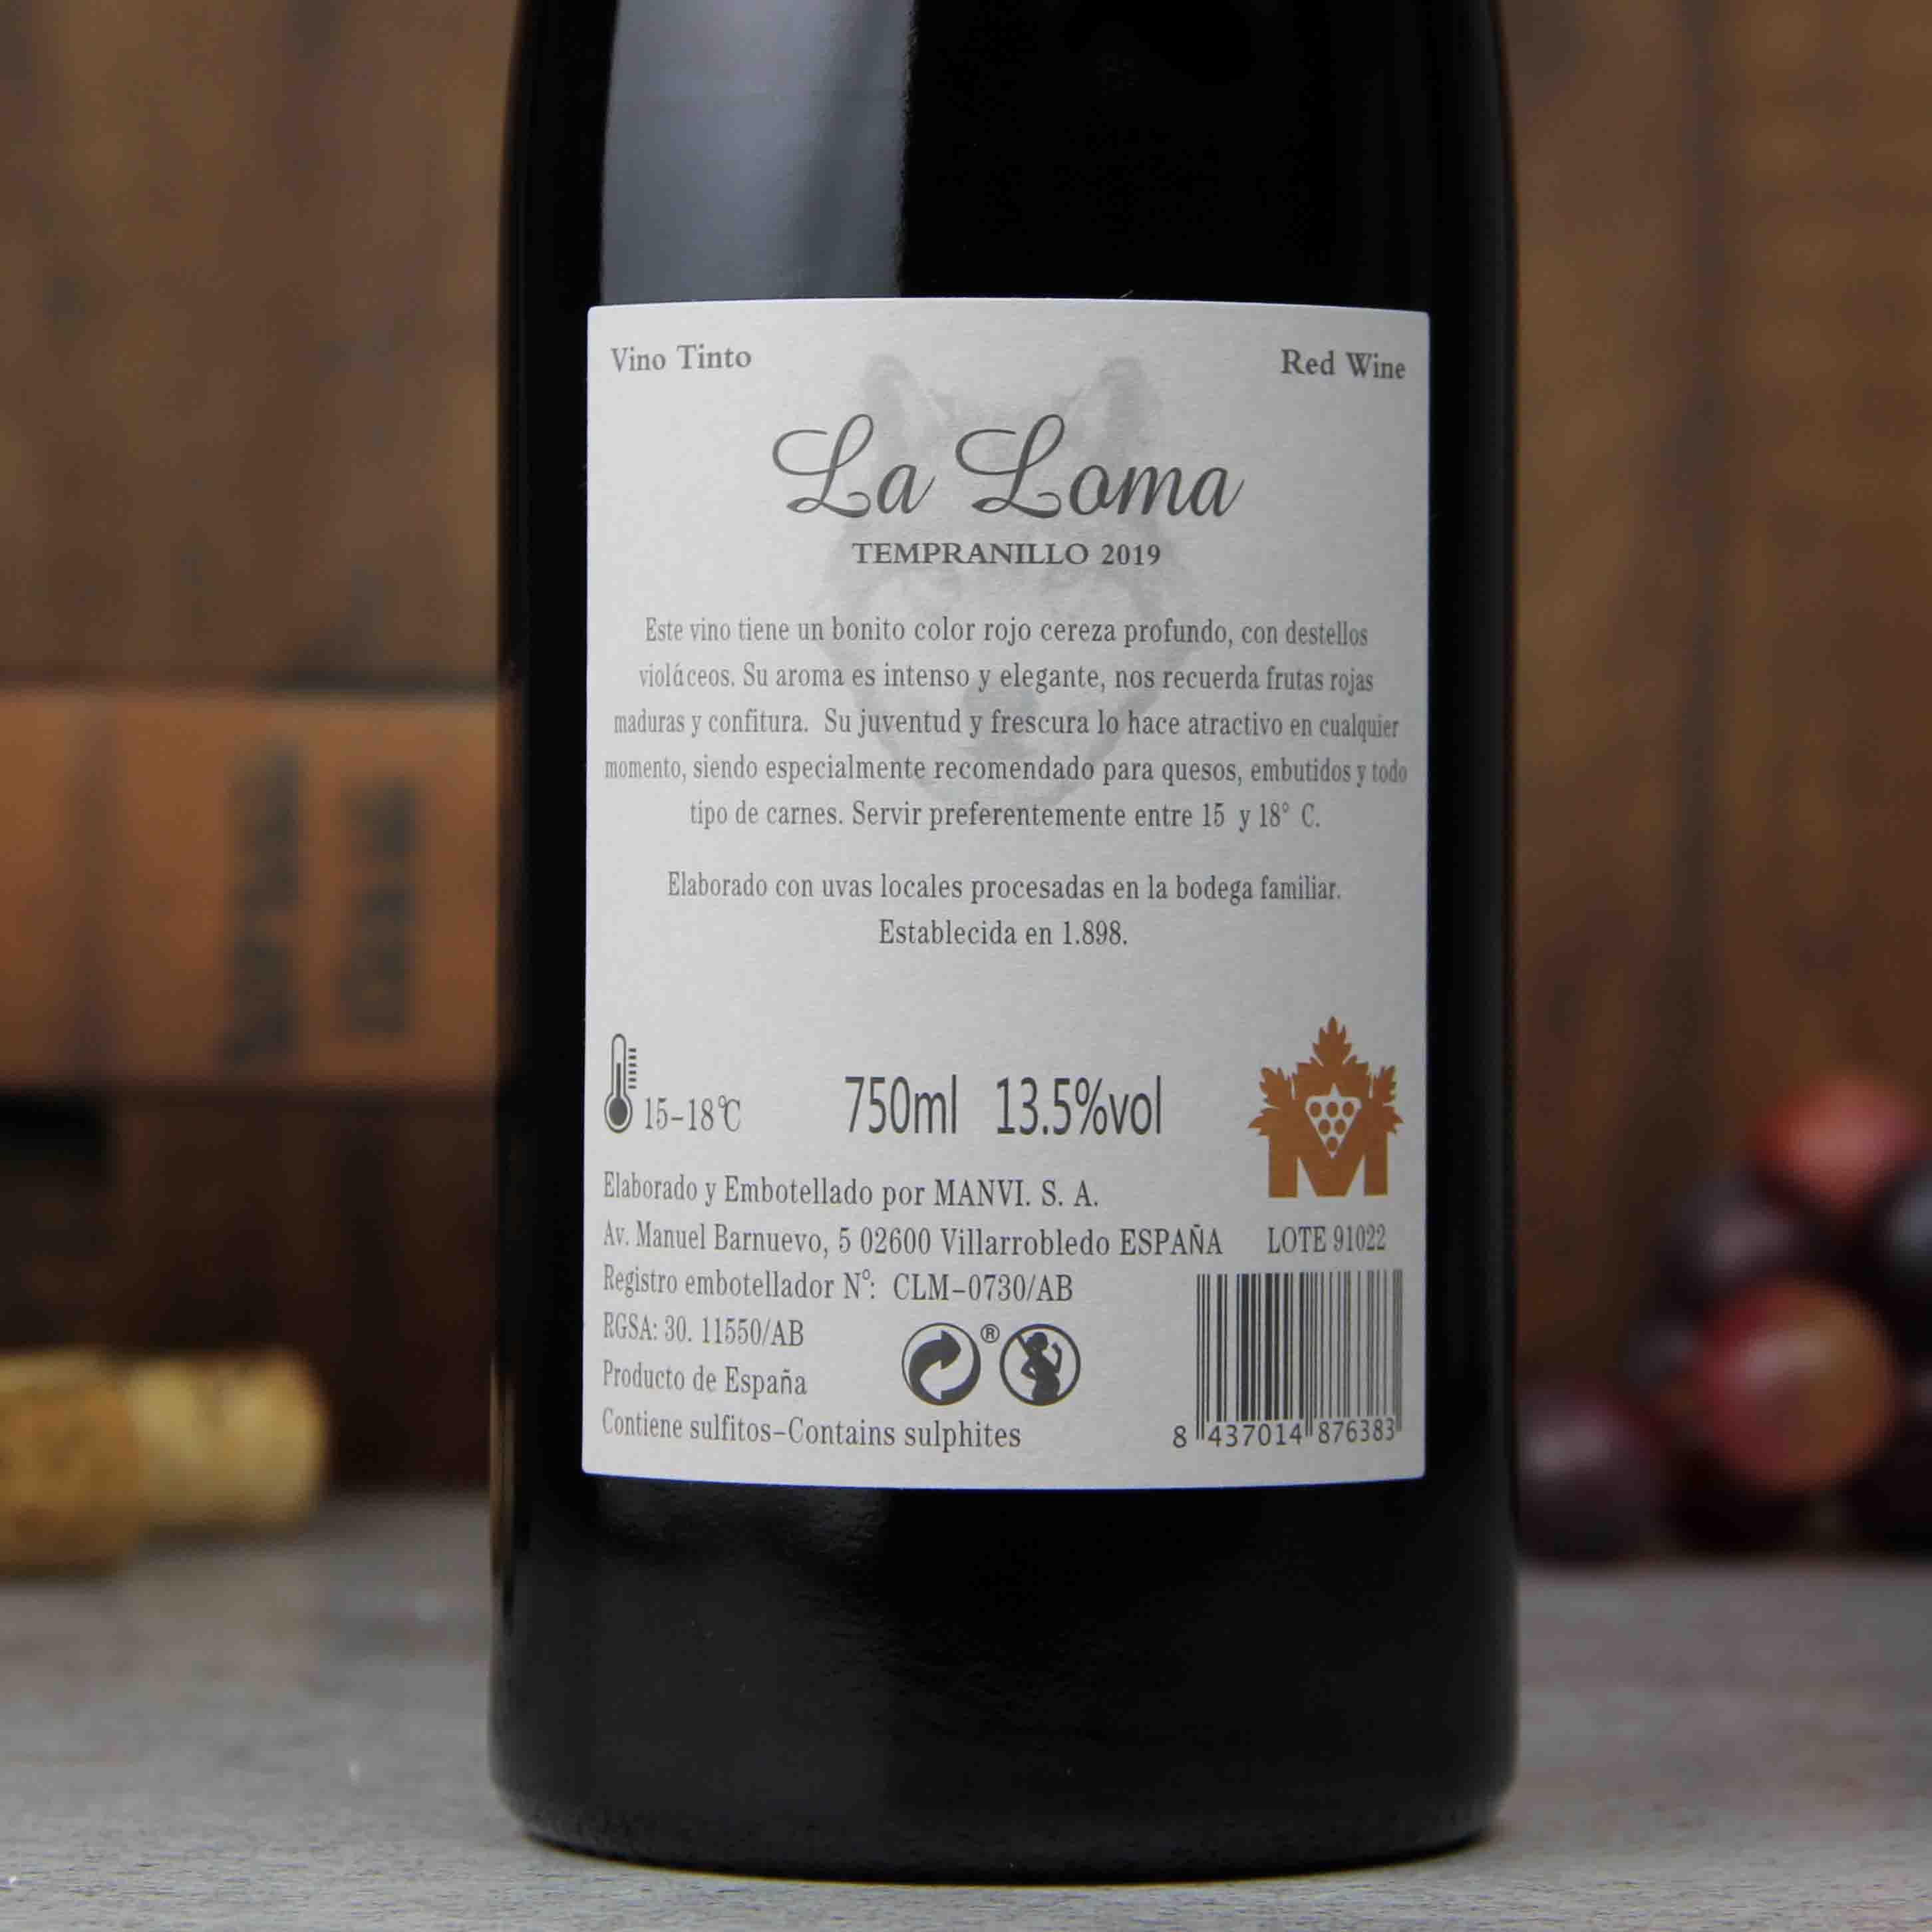 西班牙拉曼恰罗玛干红葡萄酒红酒